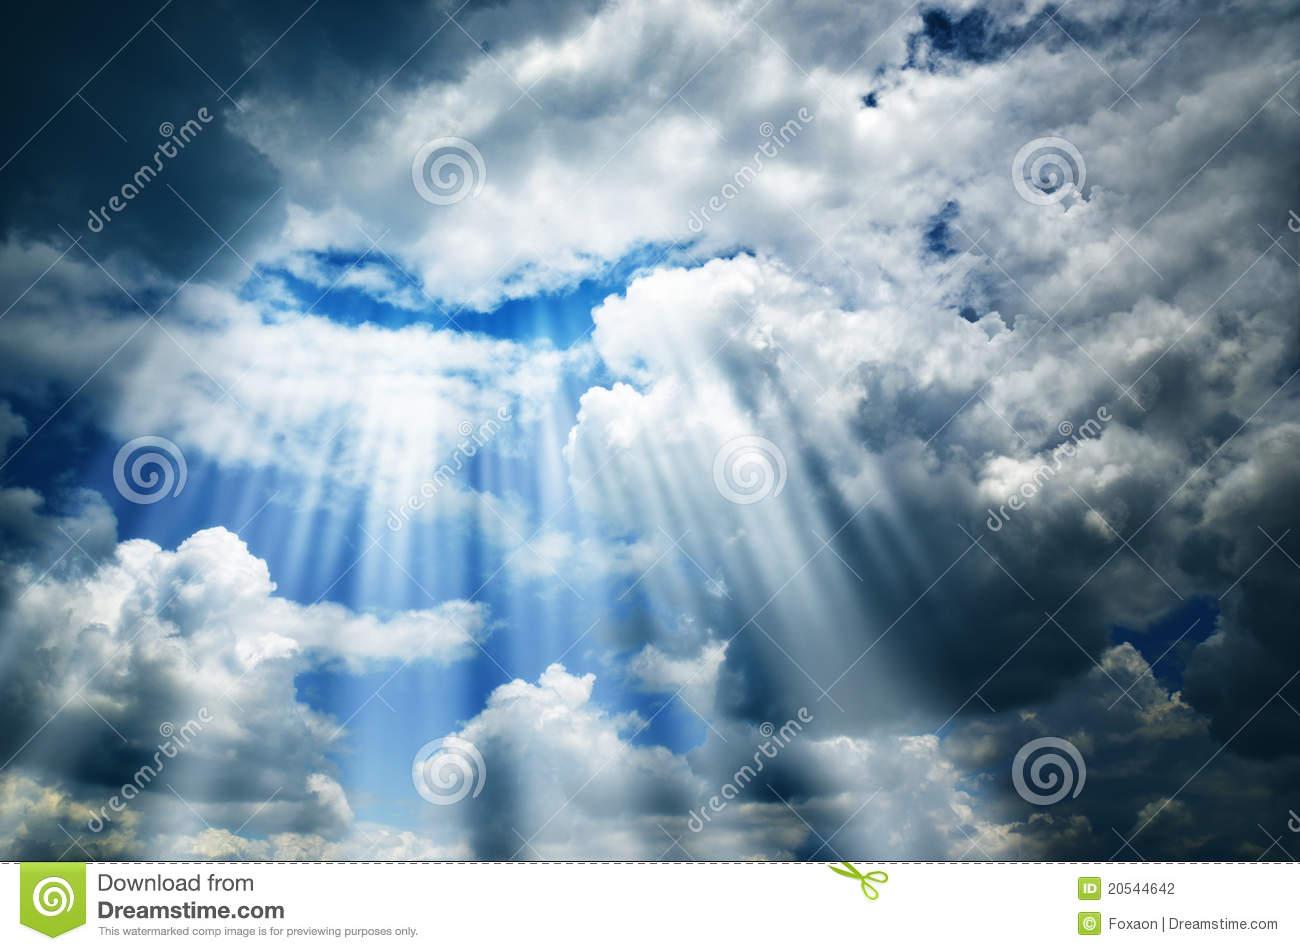 cielo-oscuro-con-las-nubes-y-la-luz-20544642